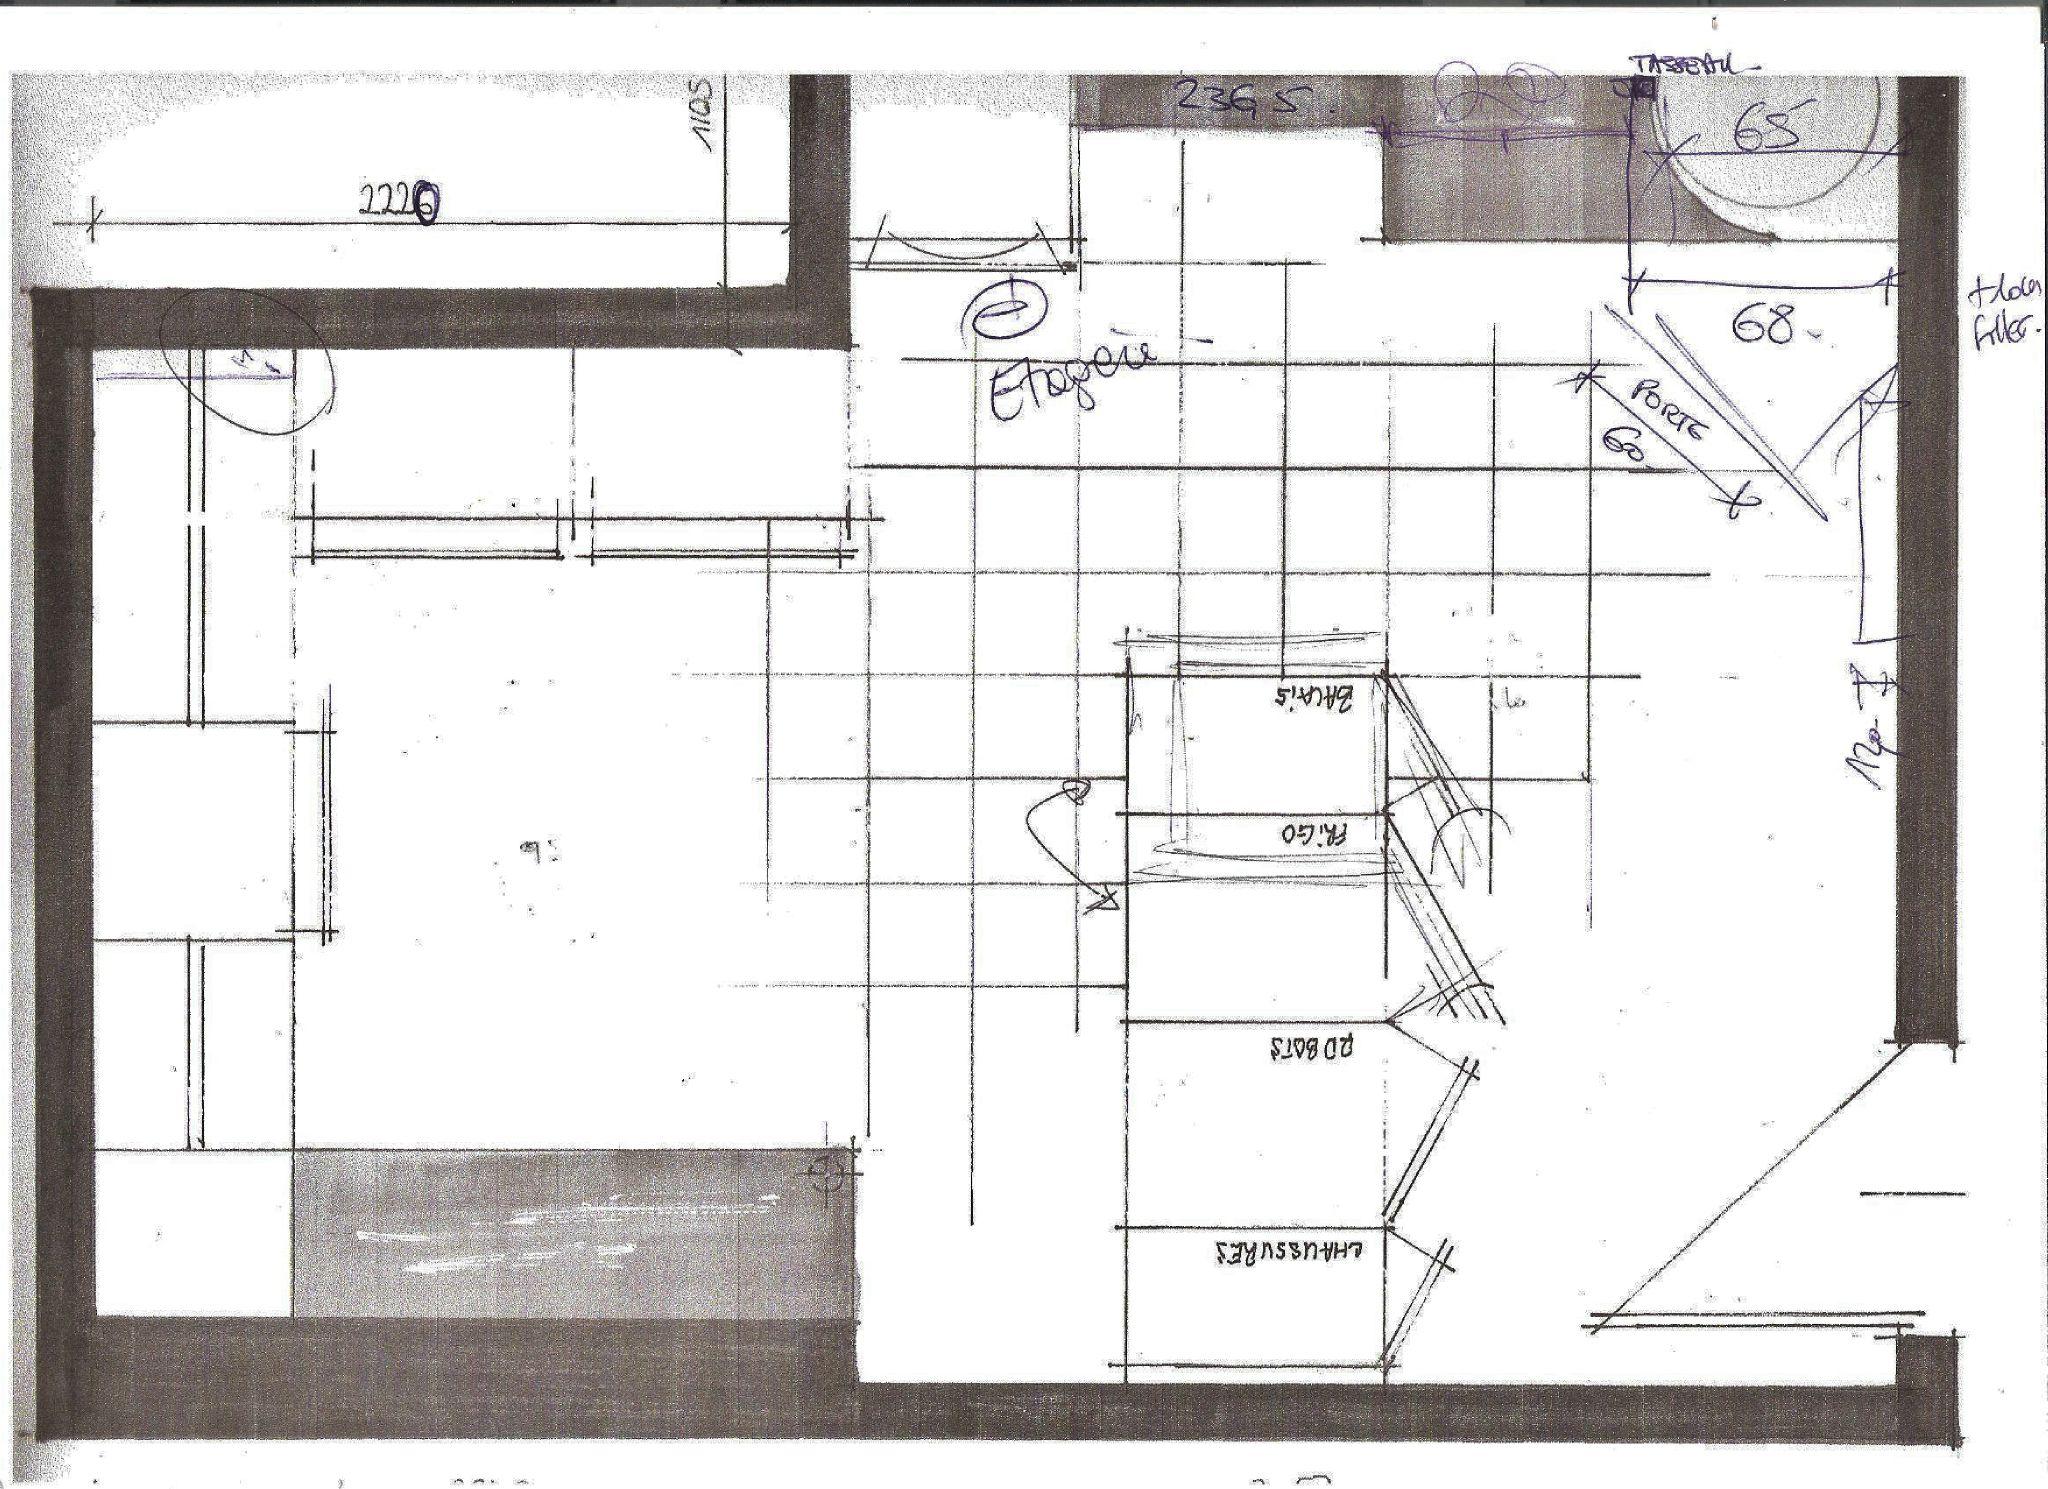 conception plan general photo de